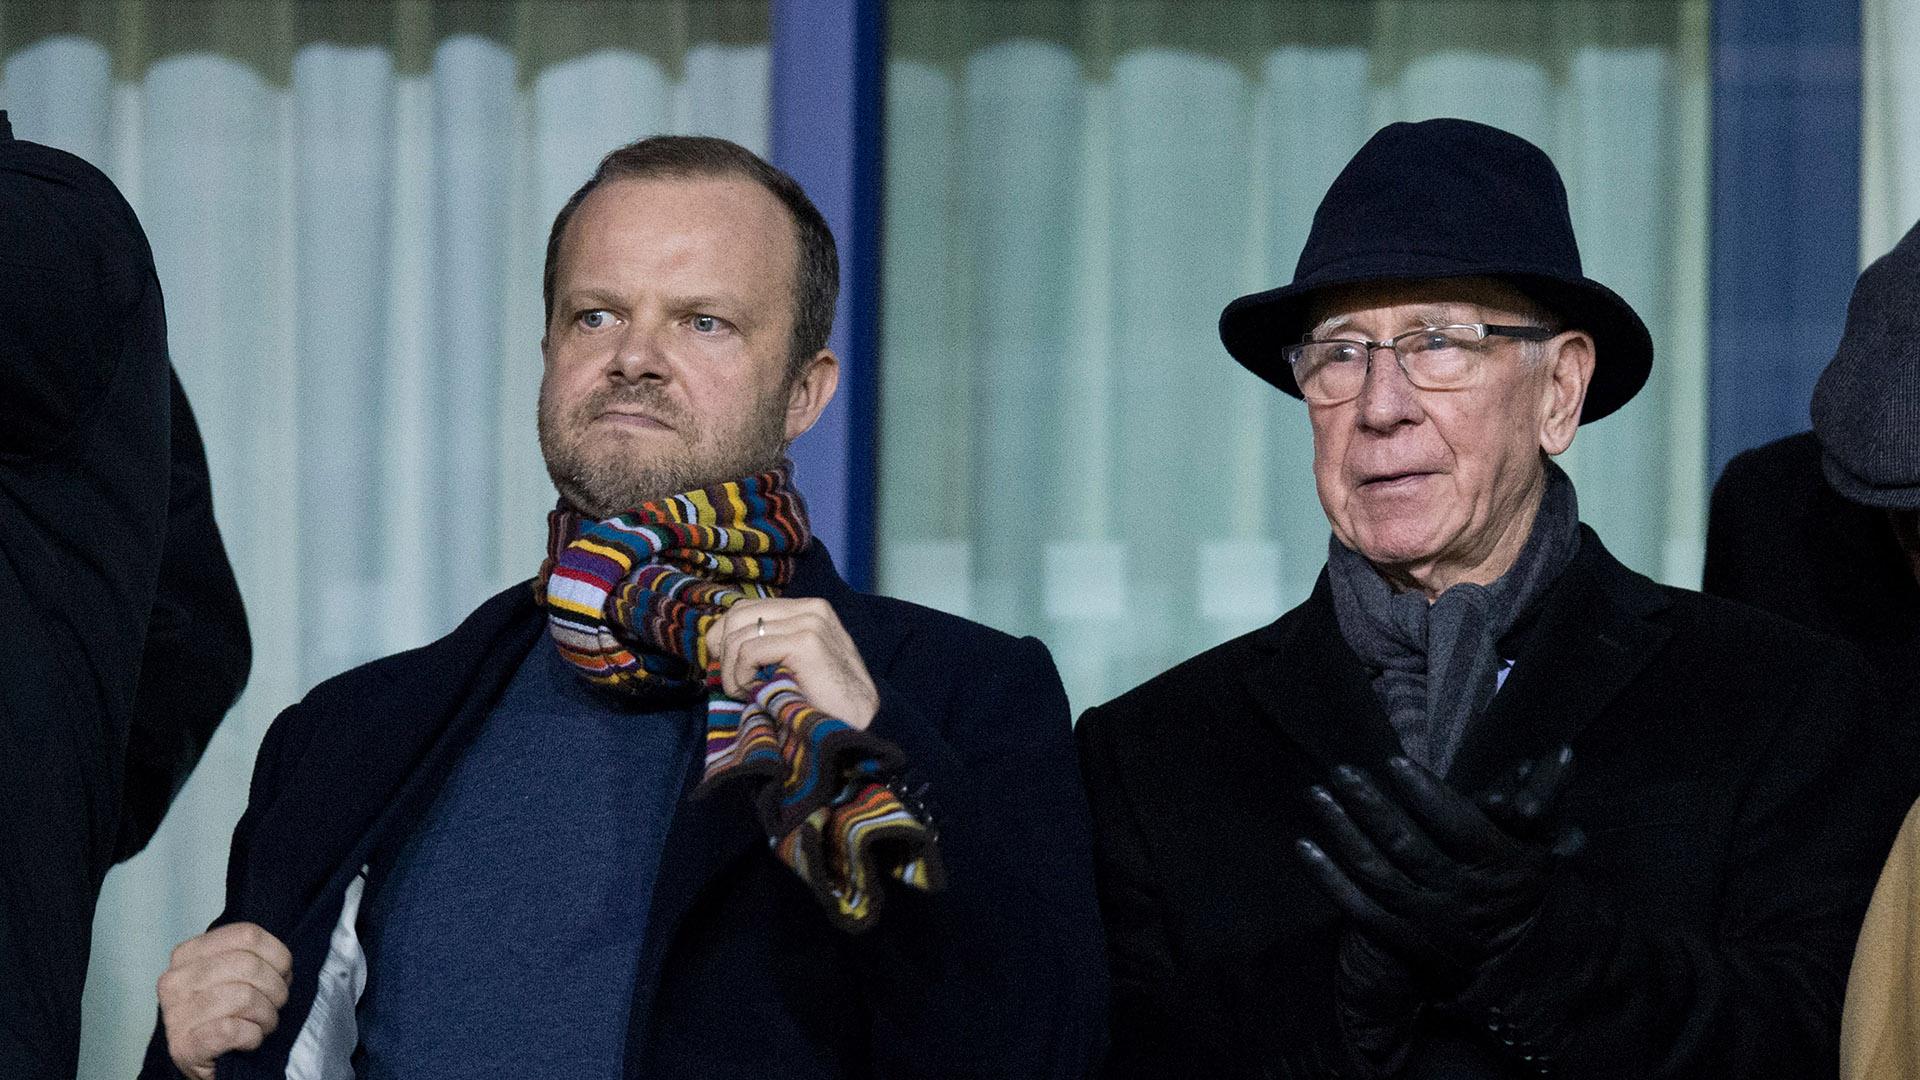 Ed Woodward Bobby Charlton